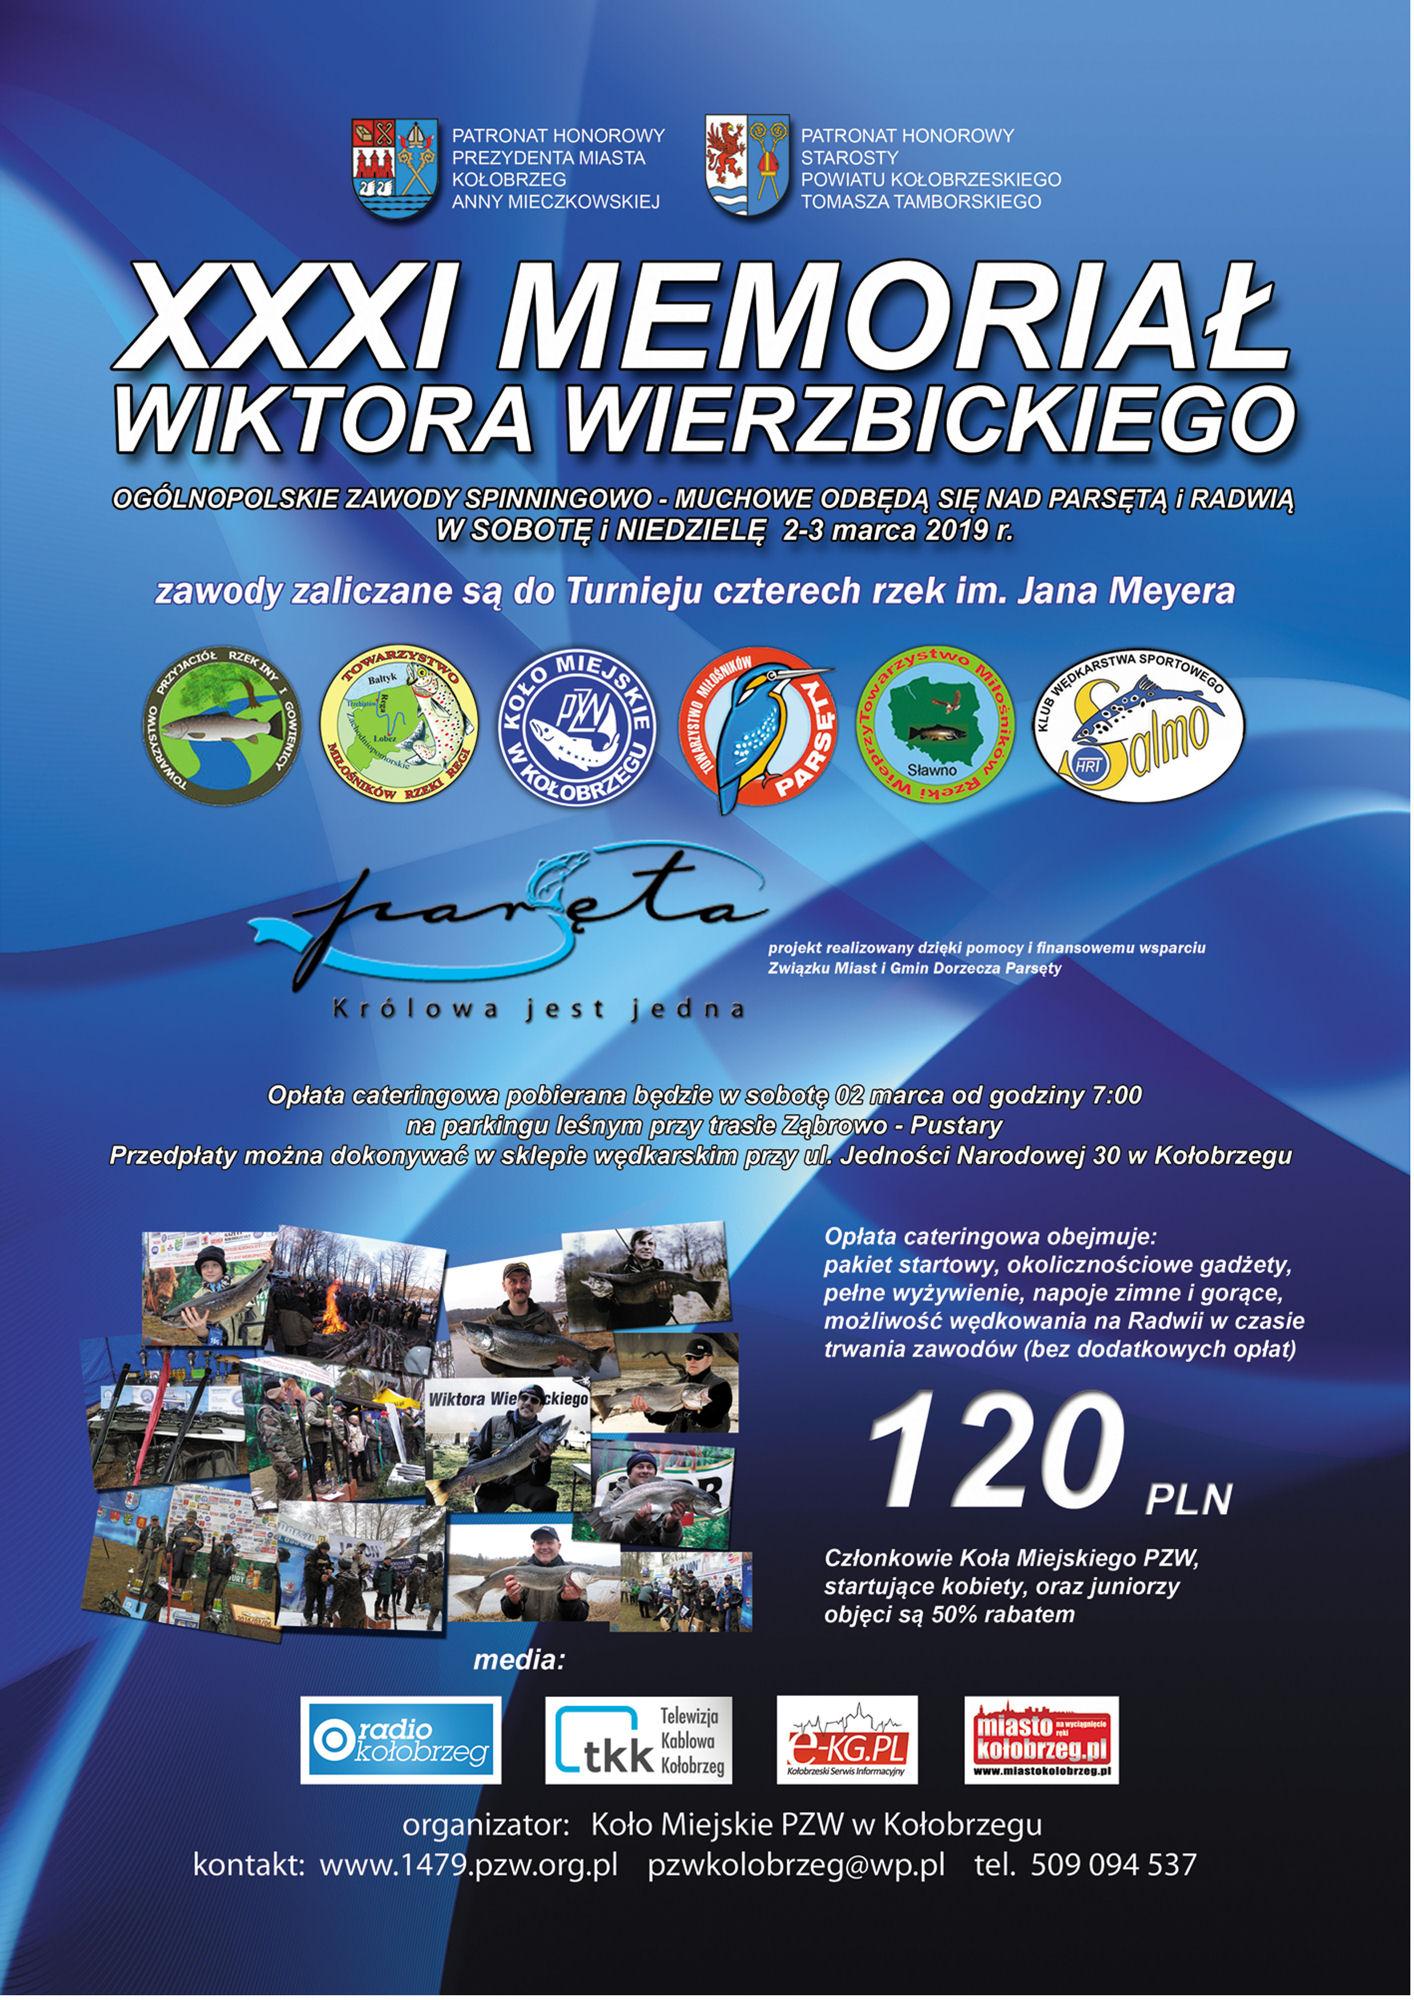 XXXI Memoriał imienia Wiktora Wierzbickiego na rzece Parsęta i rzece Radew.